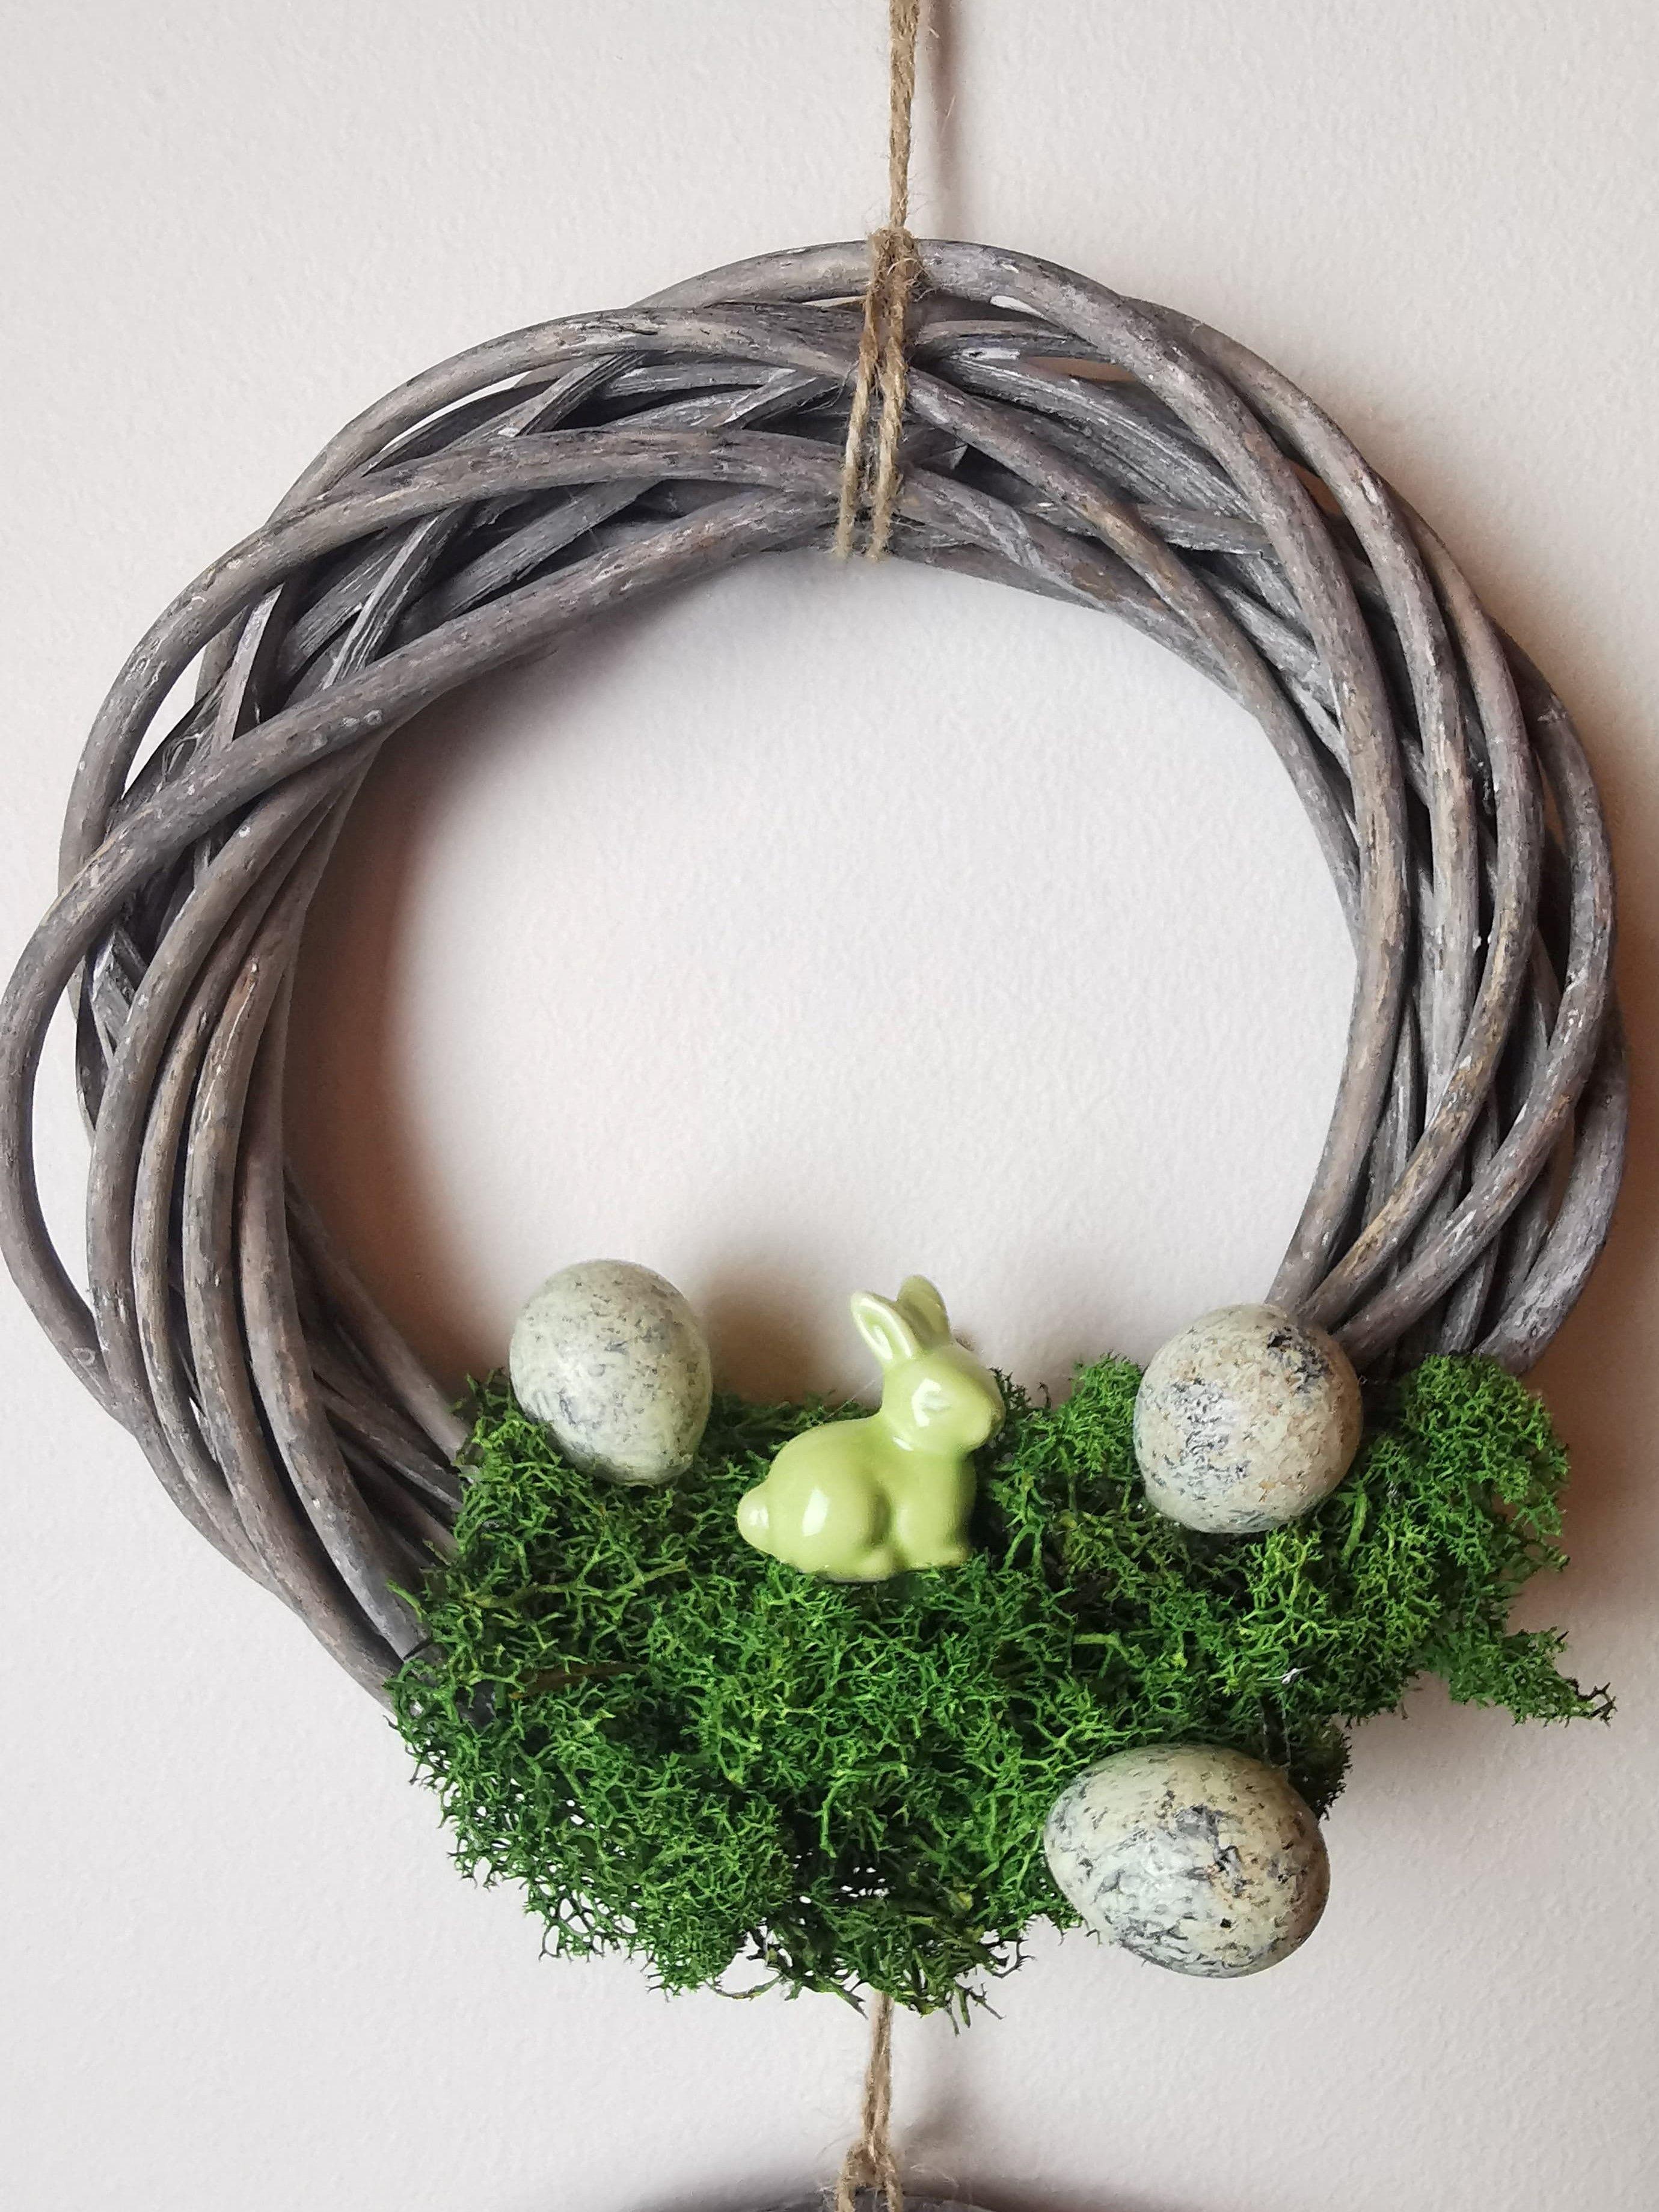 Wielkanocny Stroik Wianek Swiateczny Zajaczek 8970935150 Oficjalne Archiwum Allegro Happy Flowers Flowers